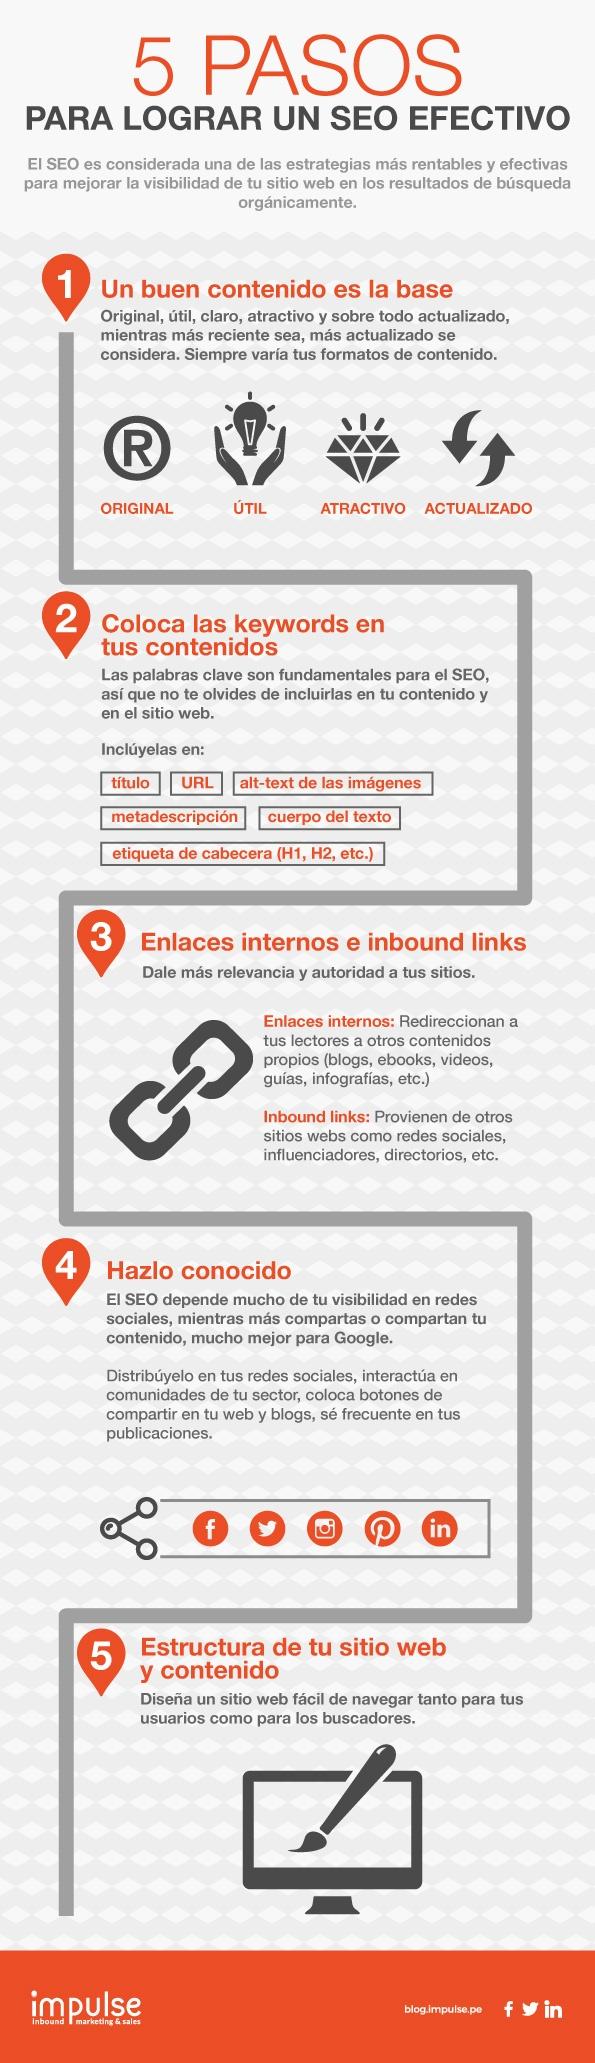 infografia-5-pasos-para-crear-un-plan-de-seo-efectivo.jpg